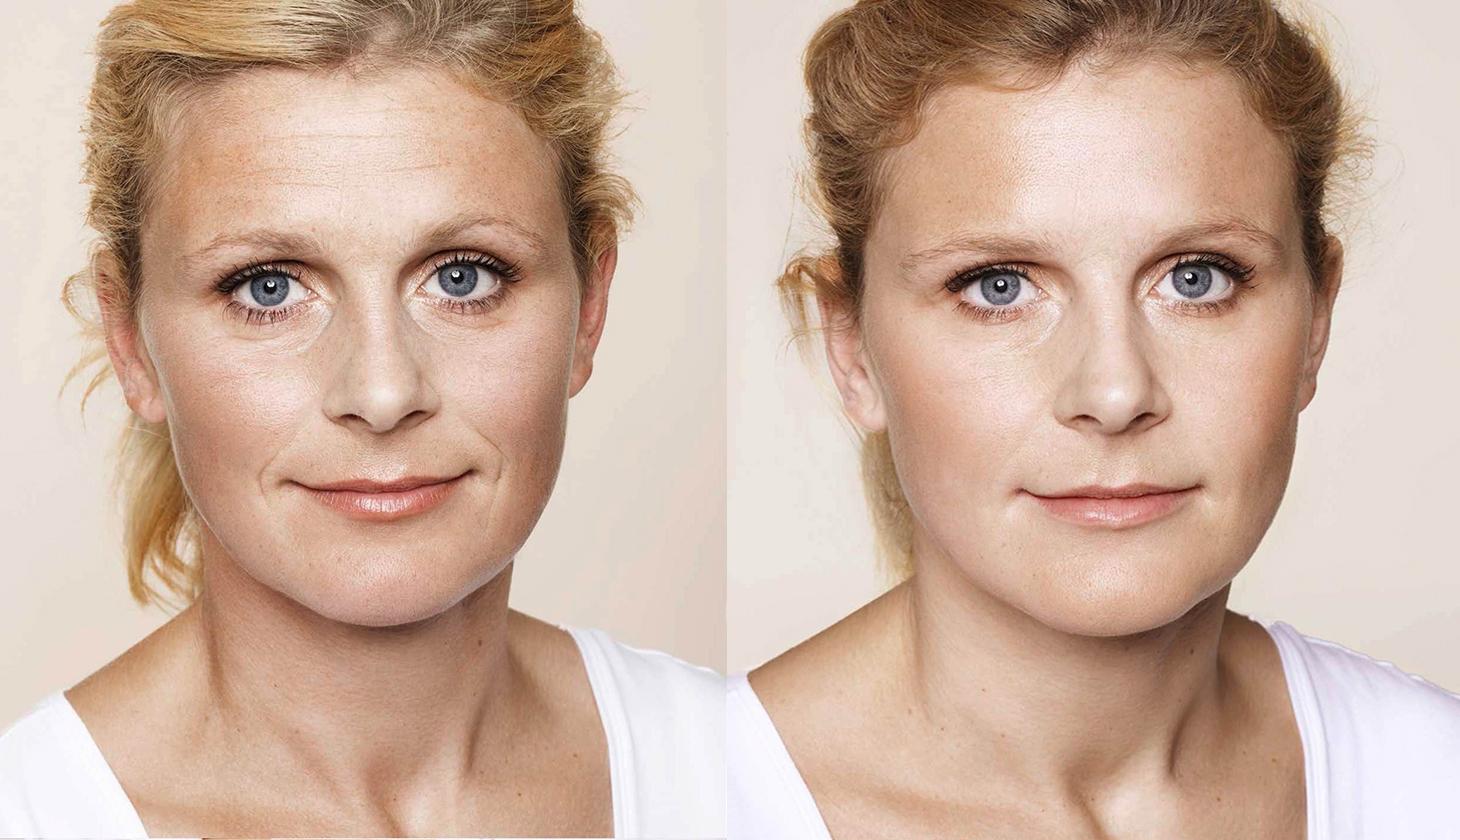 tratamiento contra fotoenvejecimiento